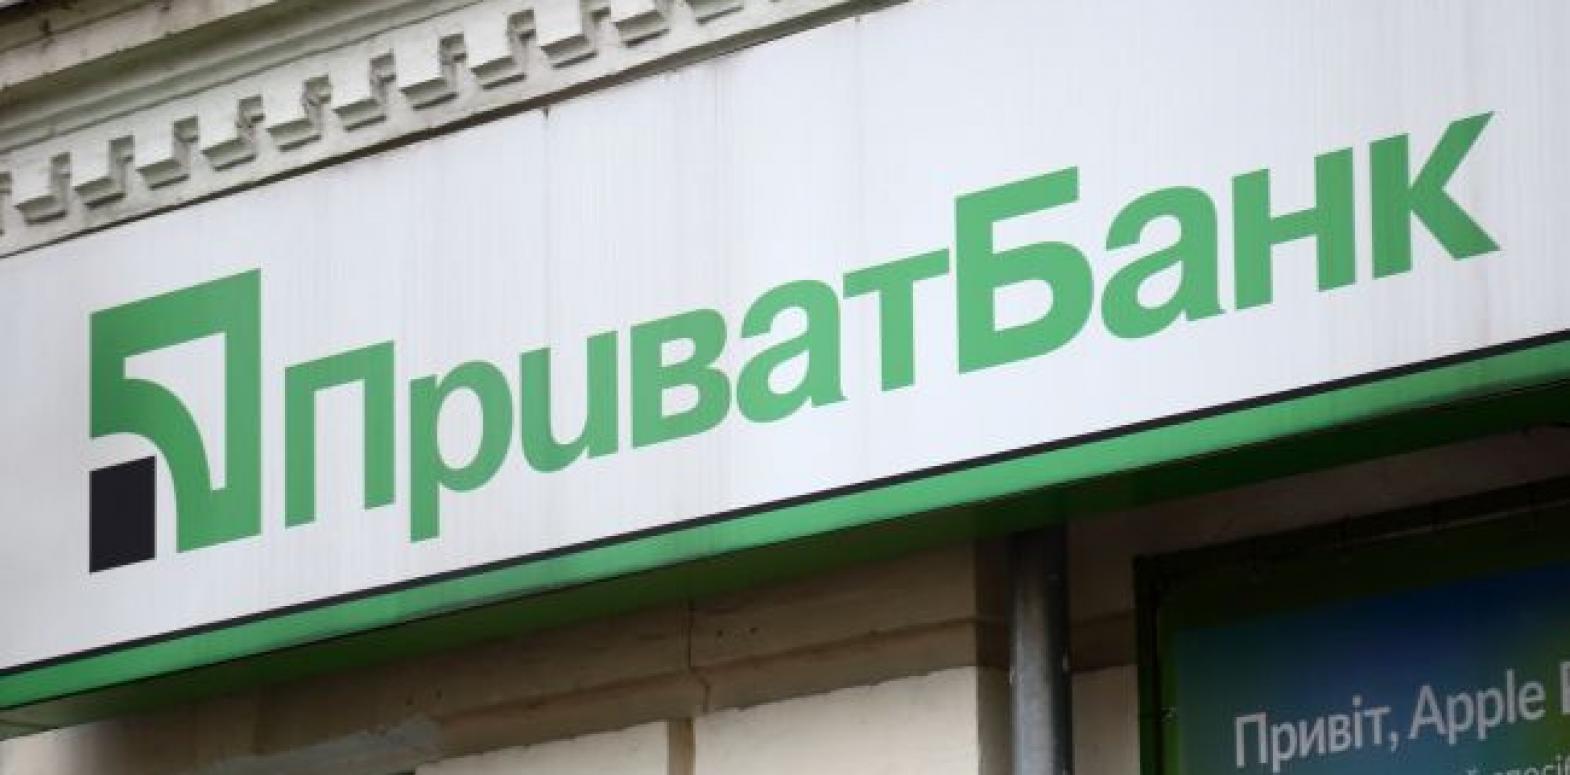 ПриватБанк продает десять нефтебаз с существенным дисконтом